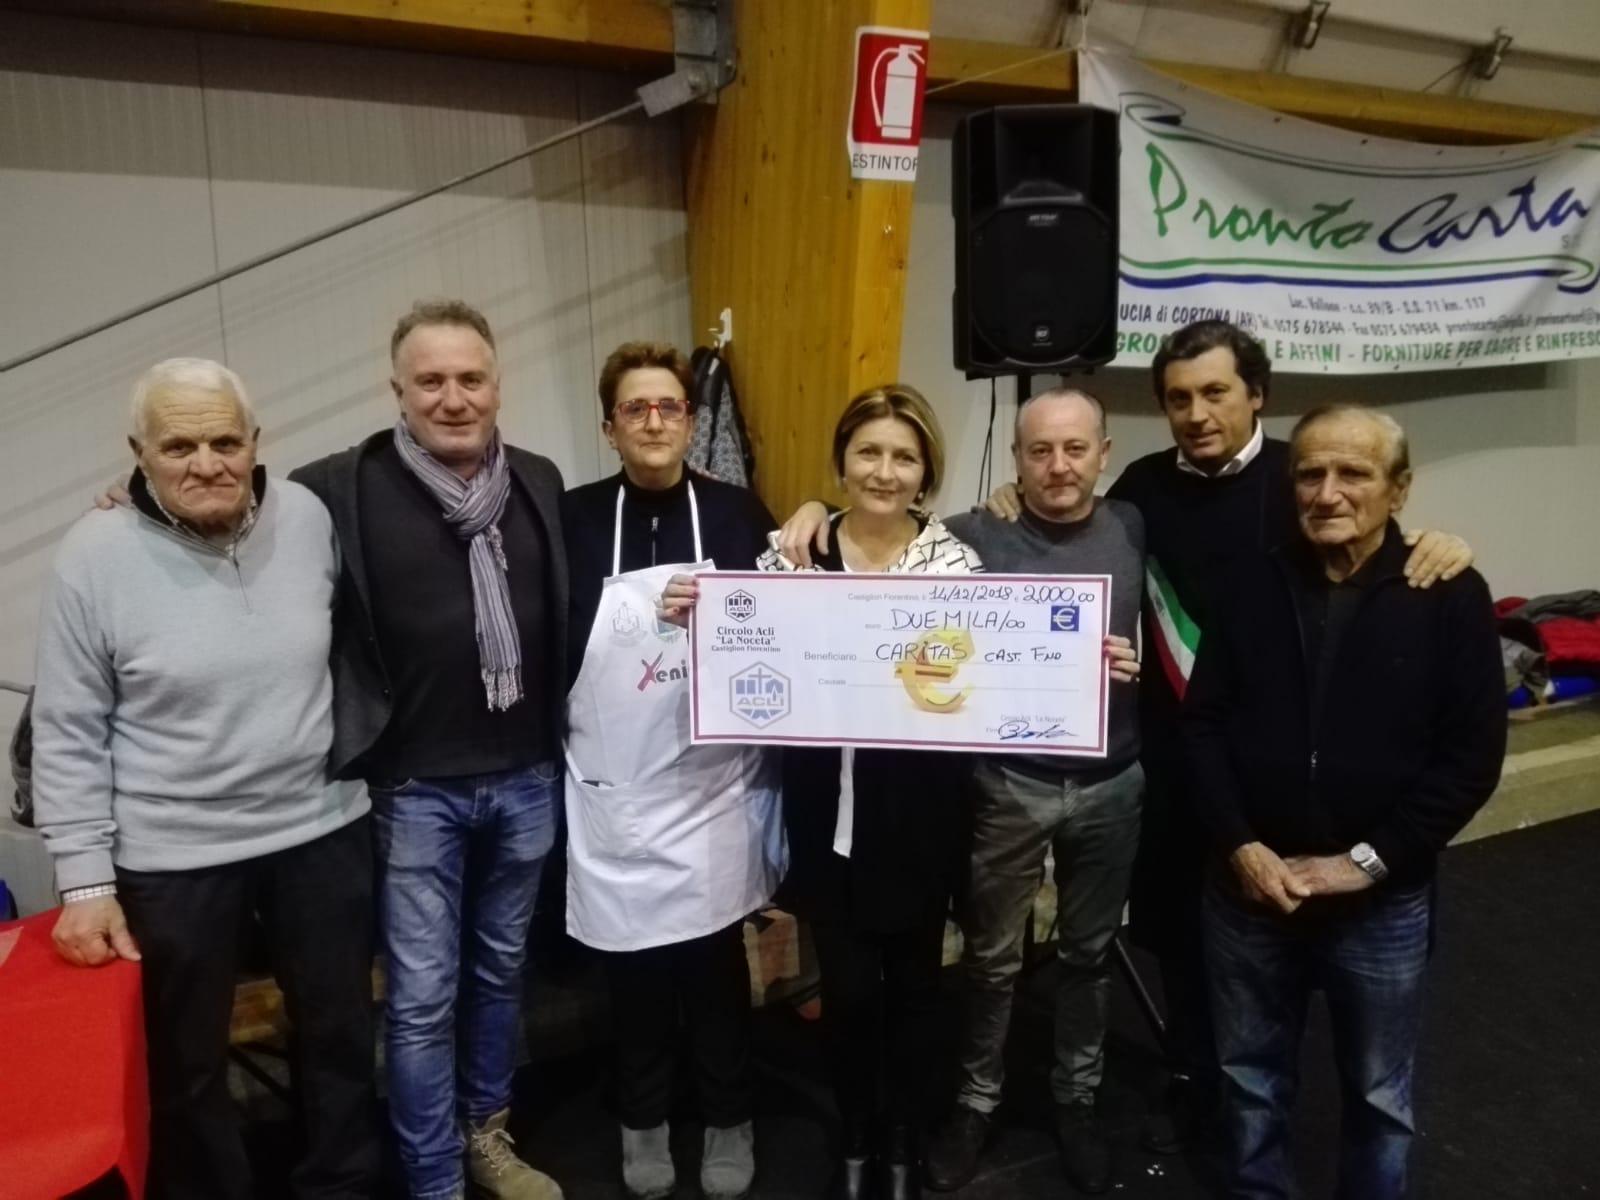 Il Circolo Noceta dona 2mila euro a Caritas